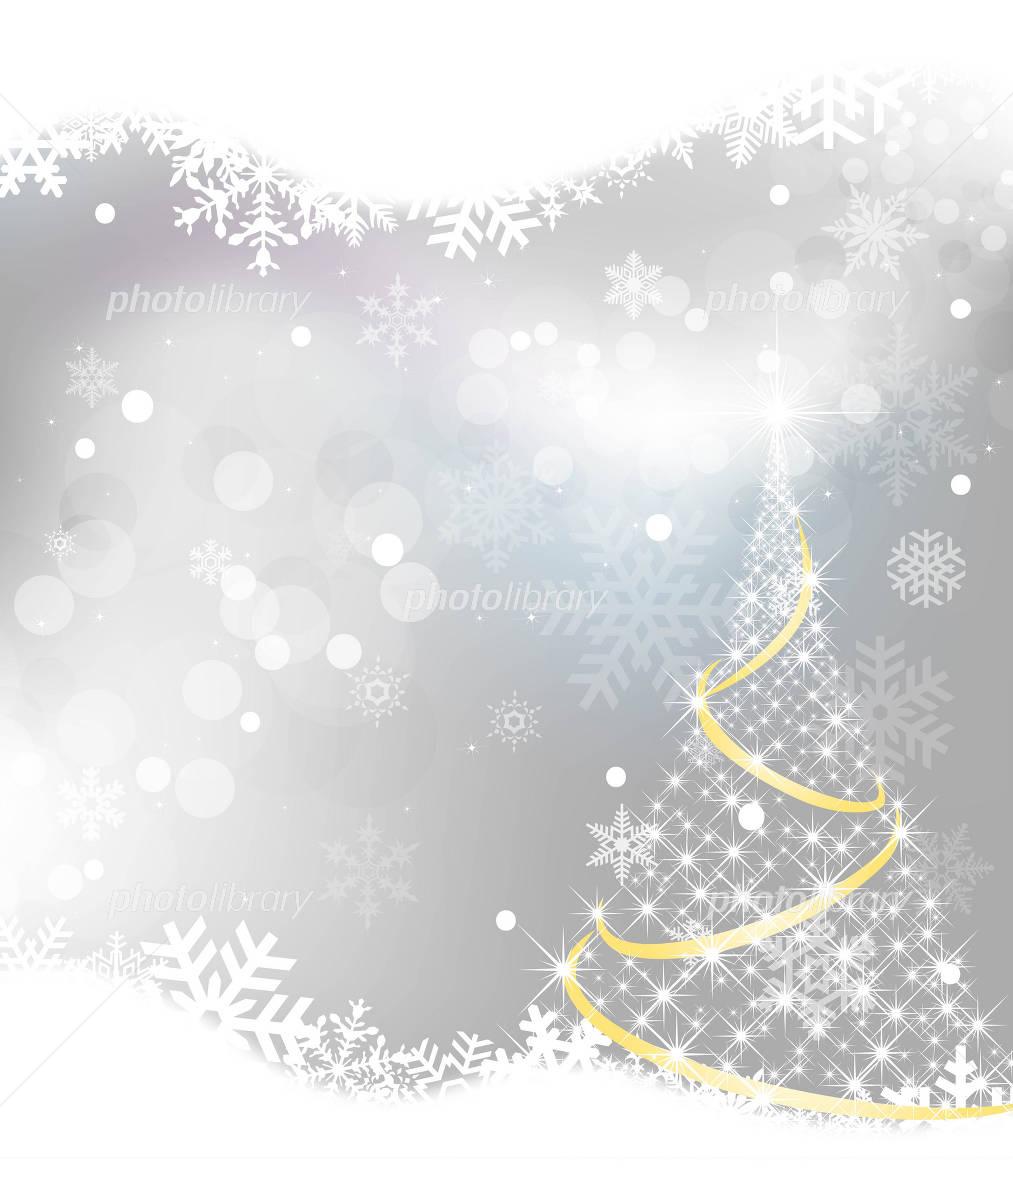 ホワイトクリスマス イラスト素材 [ 1700456 ] - フォトライブラリー ...